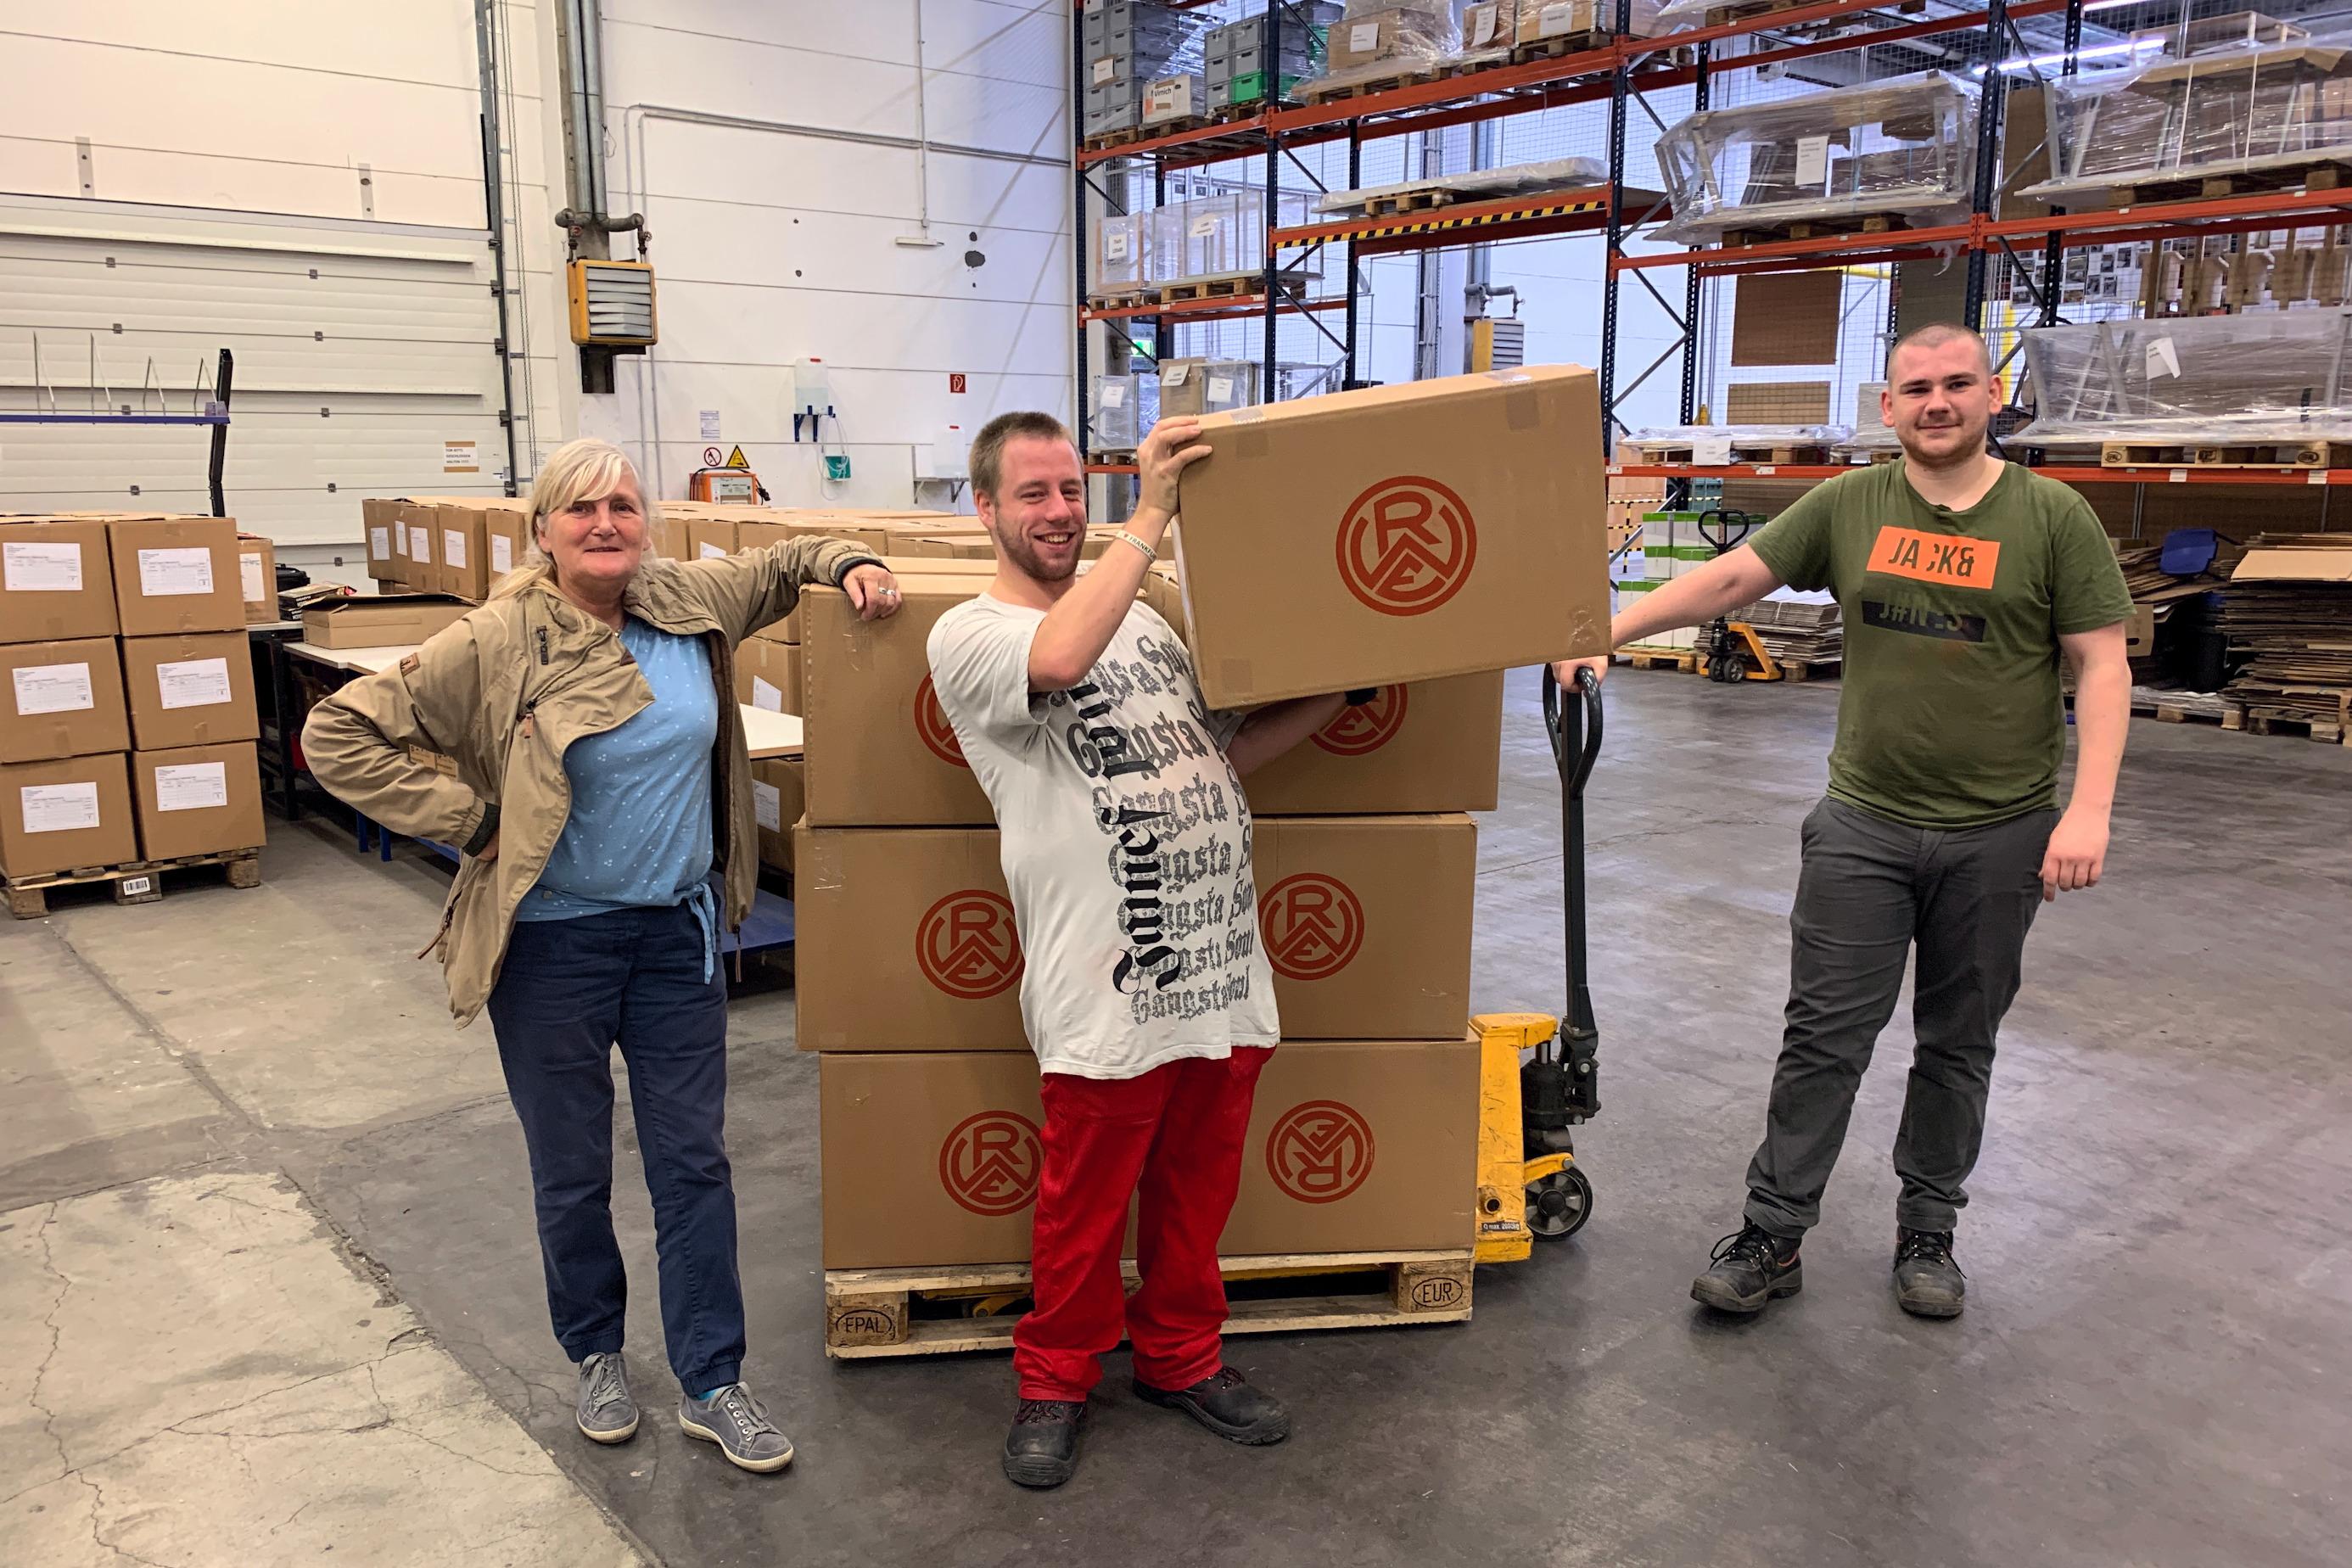 Bildunterschrift 1: Arbeit unter realitätsnahen Bedingungen: Mit Unterstützung von Anleiterin Rosi Zweydorf (li.) haben die Jugendlichen die neue Hafenstreetwear von Rot-Weiss Essen kommissioniert. (Fotos: Capitain/JBH)